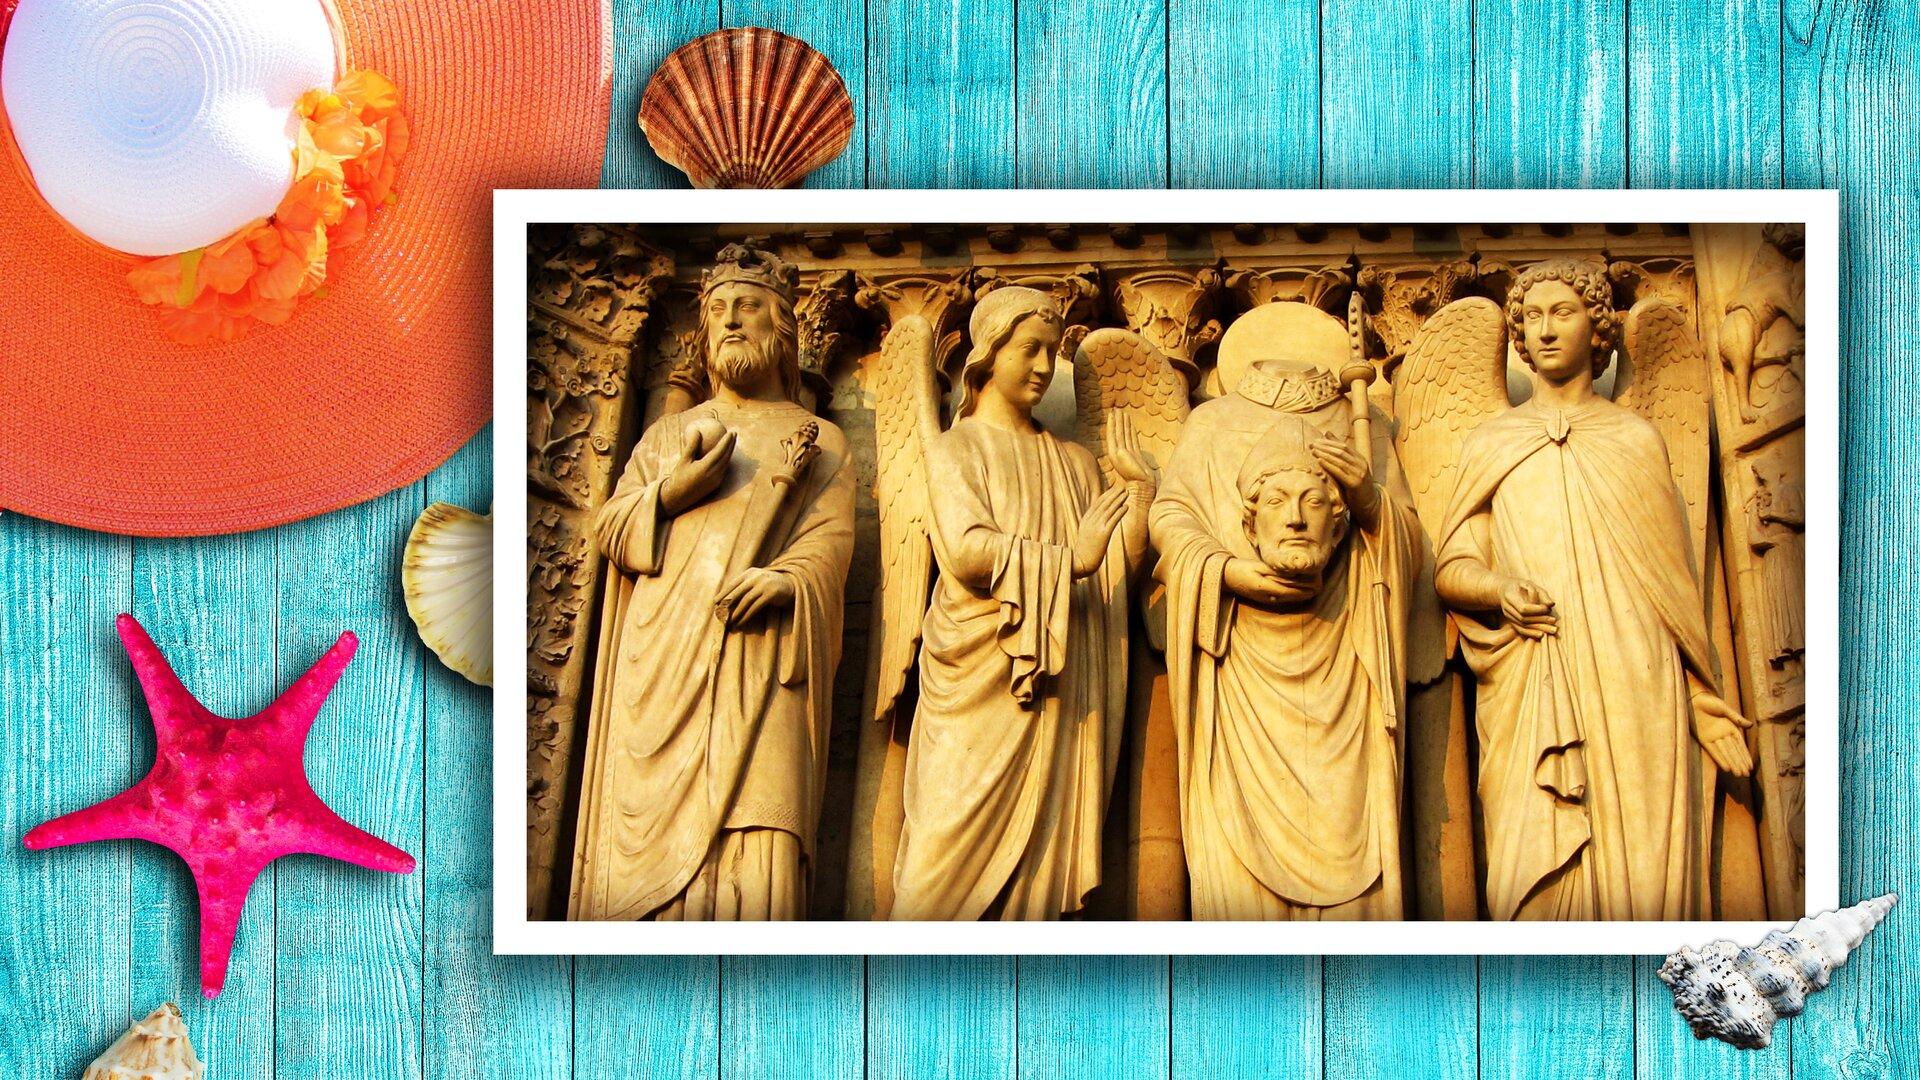 Na turkusowej podłodze są rozsypane muszelki, awrogu znajduje się pomarańczowy kapelusz. Nachodzi na niego zdjęcie rzeźby, która przedstawia cztery postaci. Po lewej stronie stoi władca, aobok niego dwóch aniołów pomiędzy którymi znajduje się mężczyzna. Ma obciętą głowę, którą trzyma wrękach.